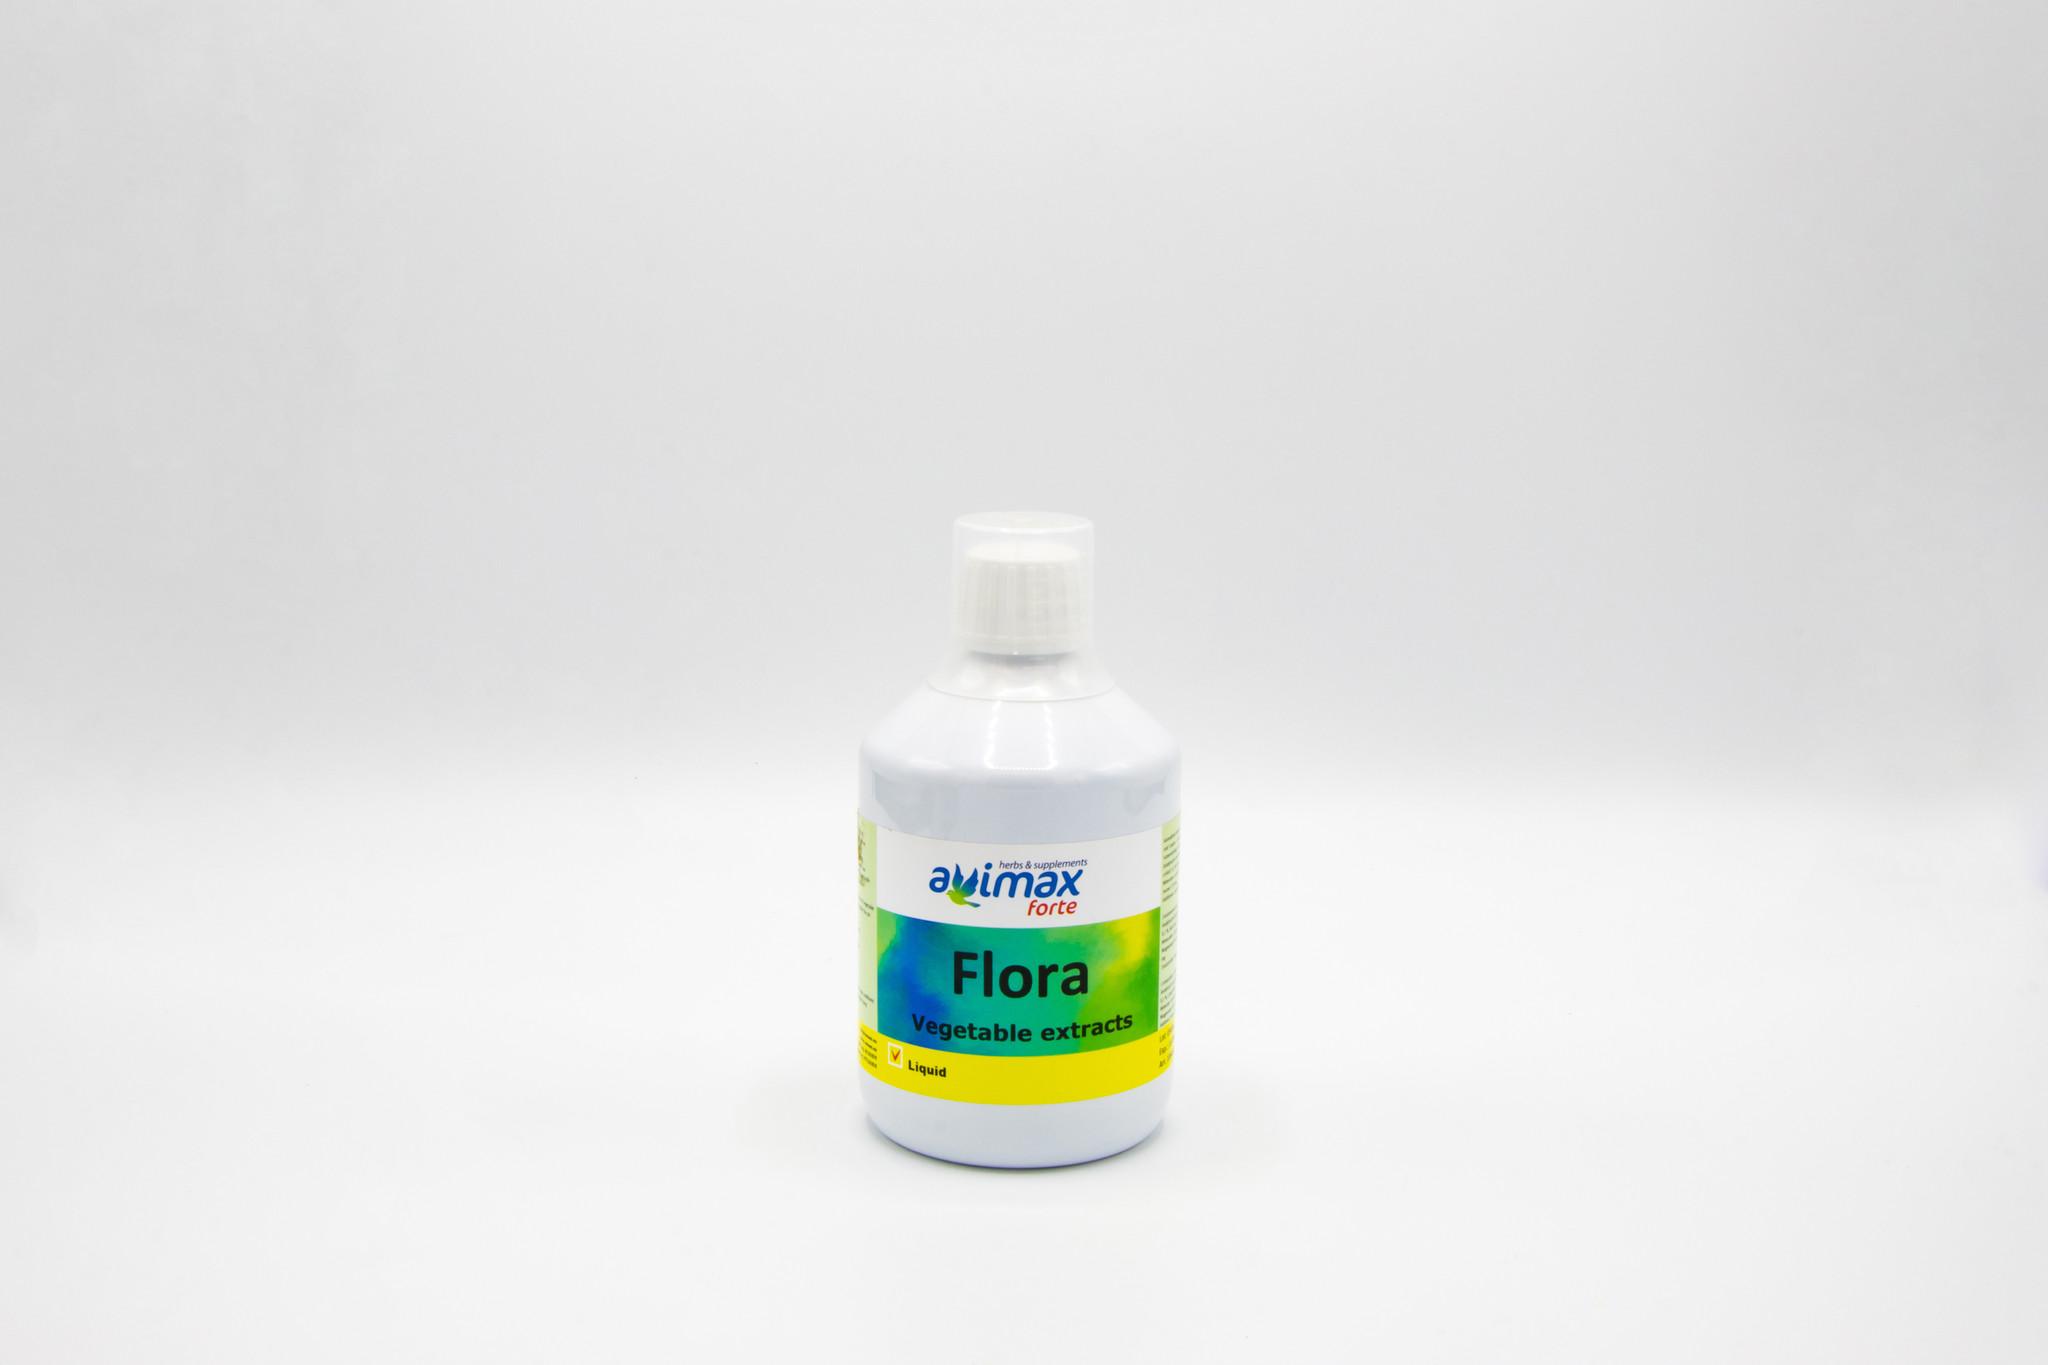 AviMax Forte AviMax Forte Flora 500 ml